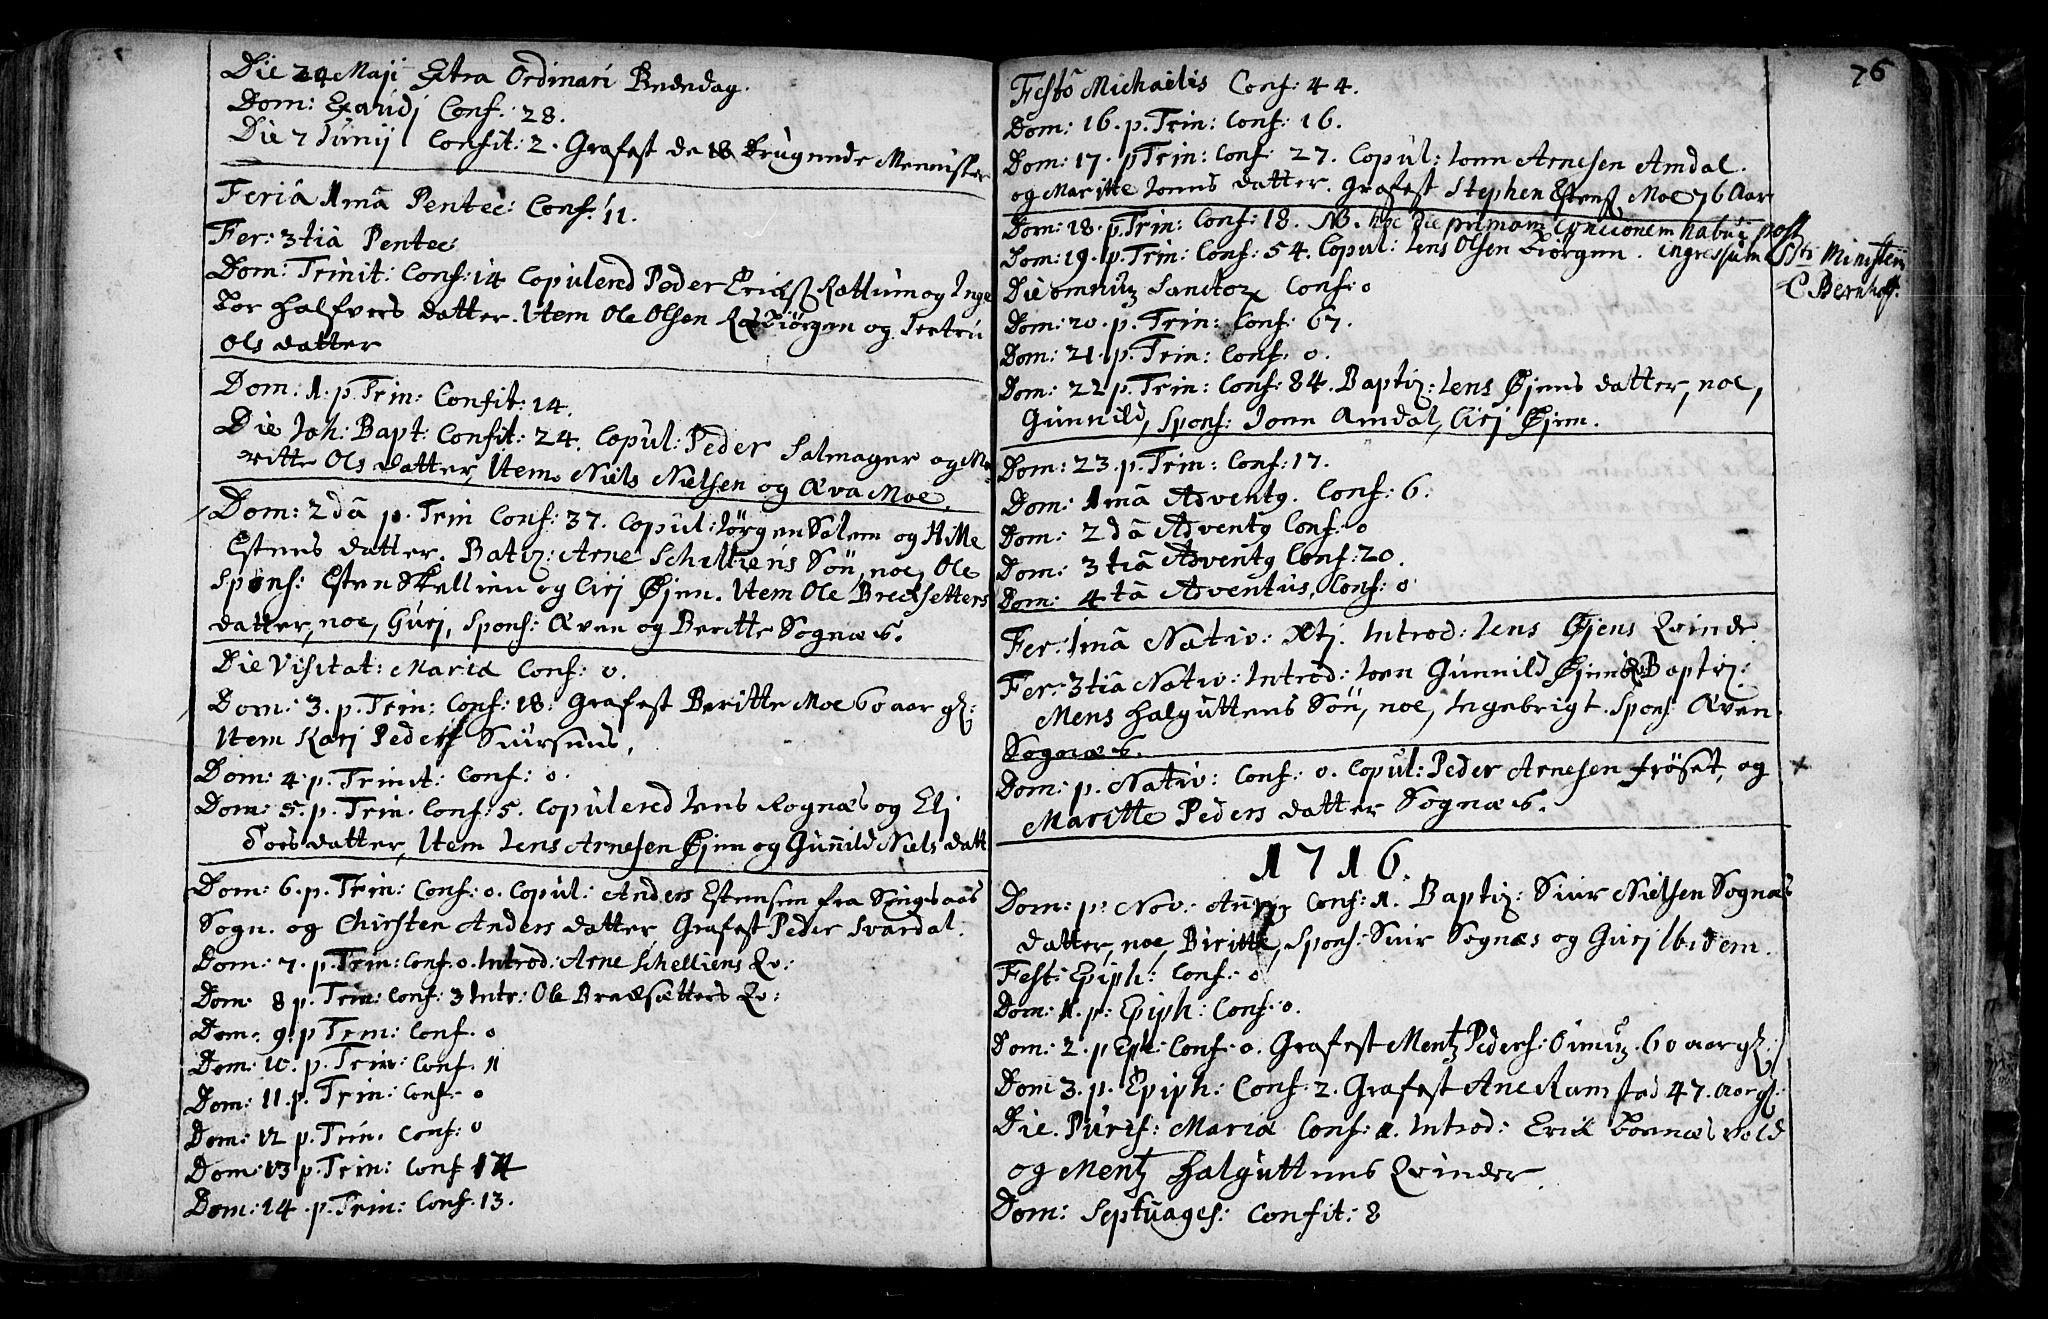 SAT, Ministerialprotokoller, klokkerbøker og fødselsregistre - Sør-Trøndelag, 687/L0990: Ministerialbok nr. 687A01, 1690-1746, s. 76